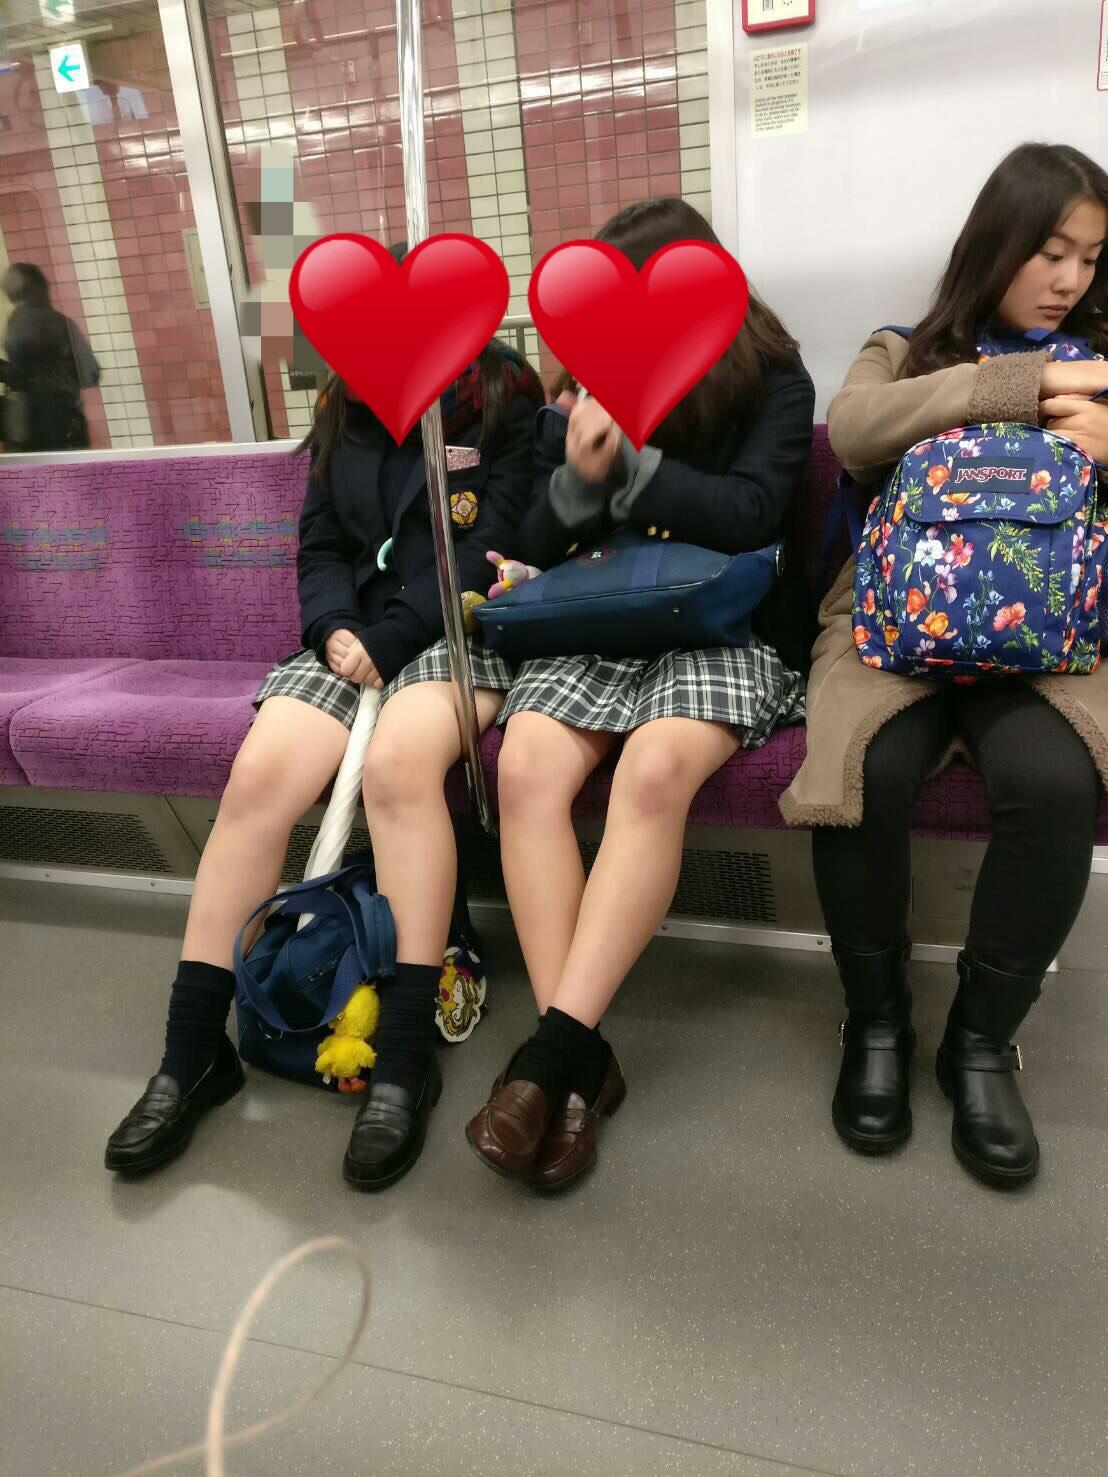 電車で女子高生のムチムチ生脚撮ったったwwwwww XOPHUlO